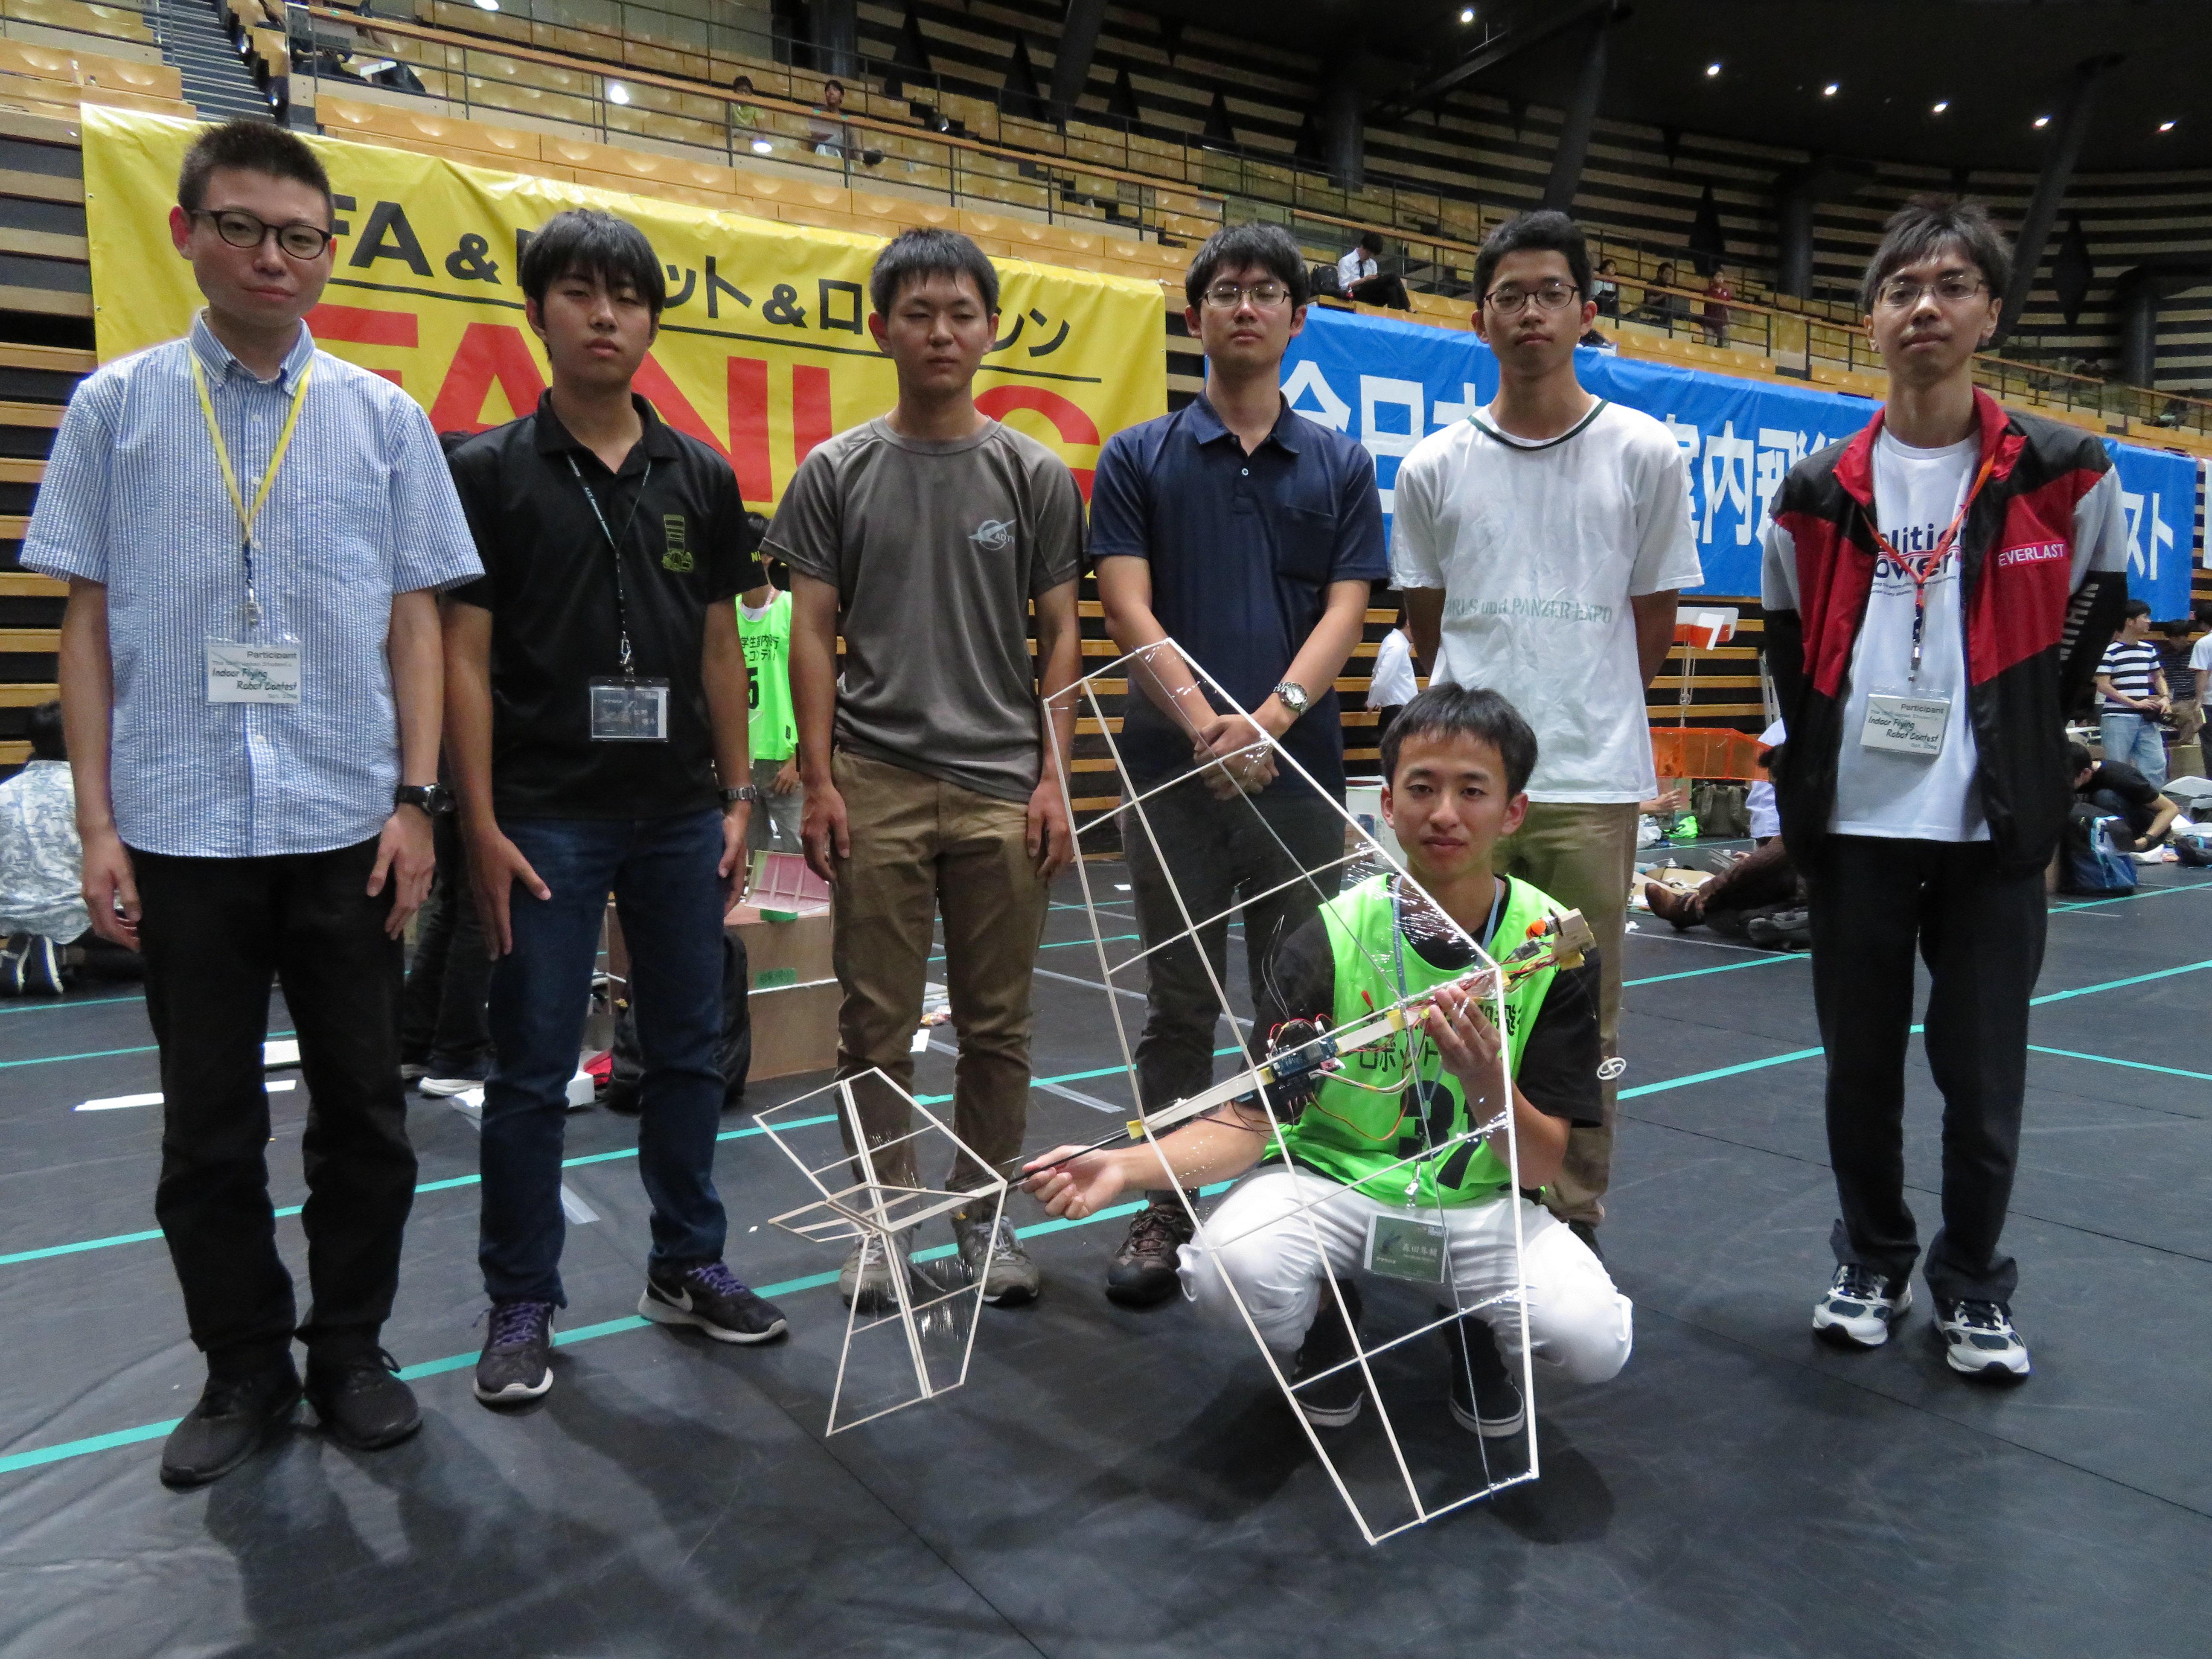 金沢工業大学夢考房小型無人飛行機プロジェクトが自動操縦部門で圧勝。「自動離着陸および自動投下」は大会史上初めて成功の快挙。日本航空宇宙学会主催「第15回全日本学生室内飛行ロボコン」